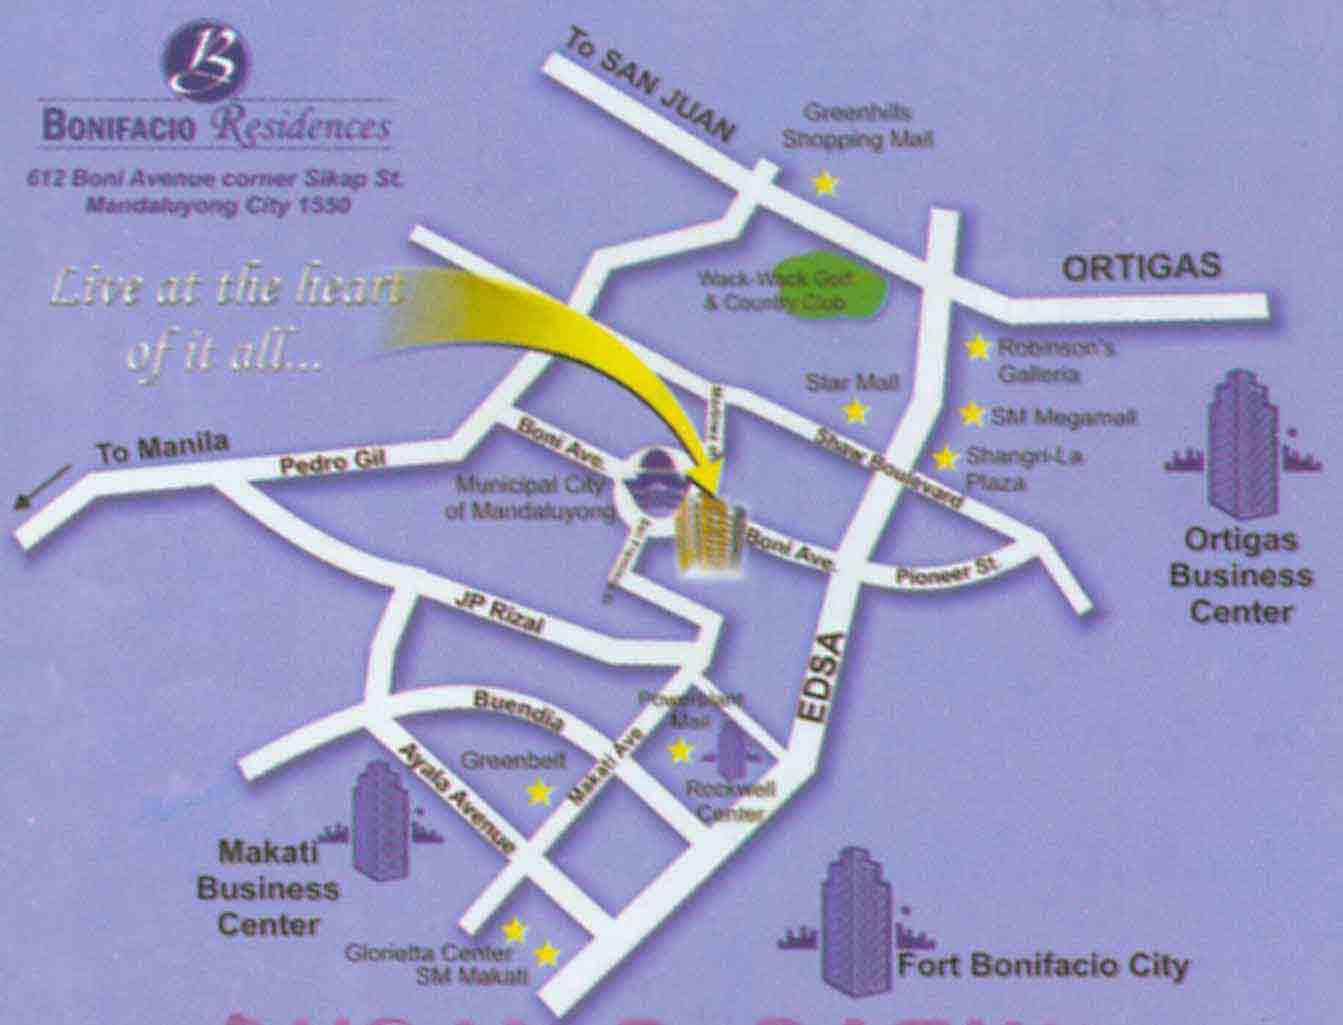 Bonifacio Residences Condominium Philippines Condominiums in